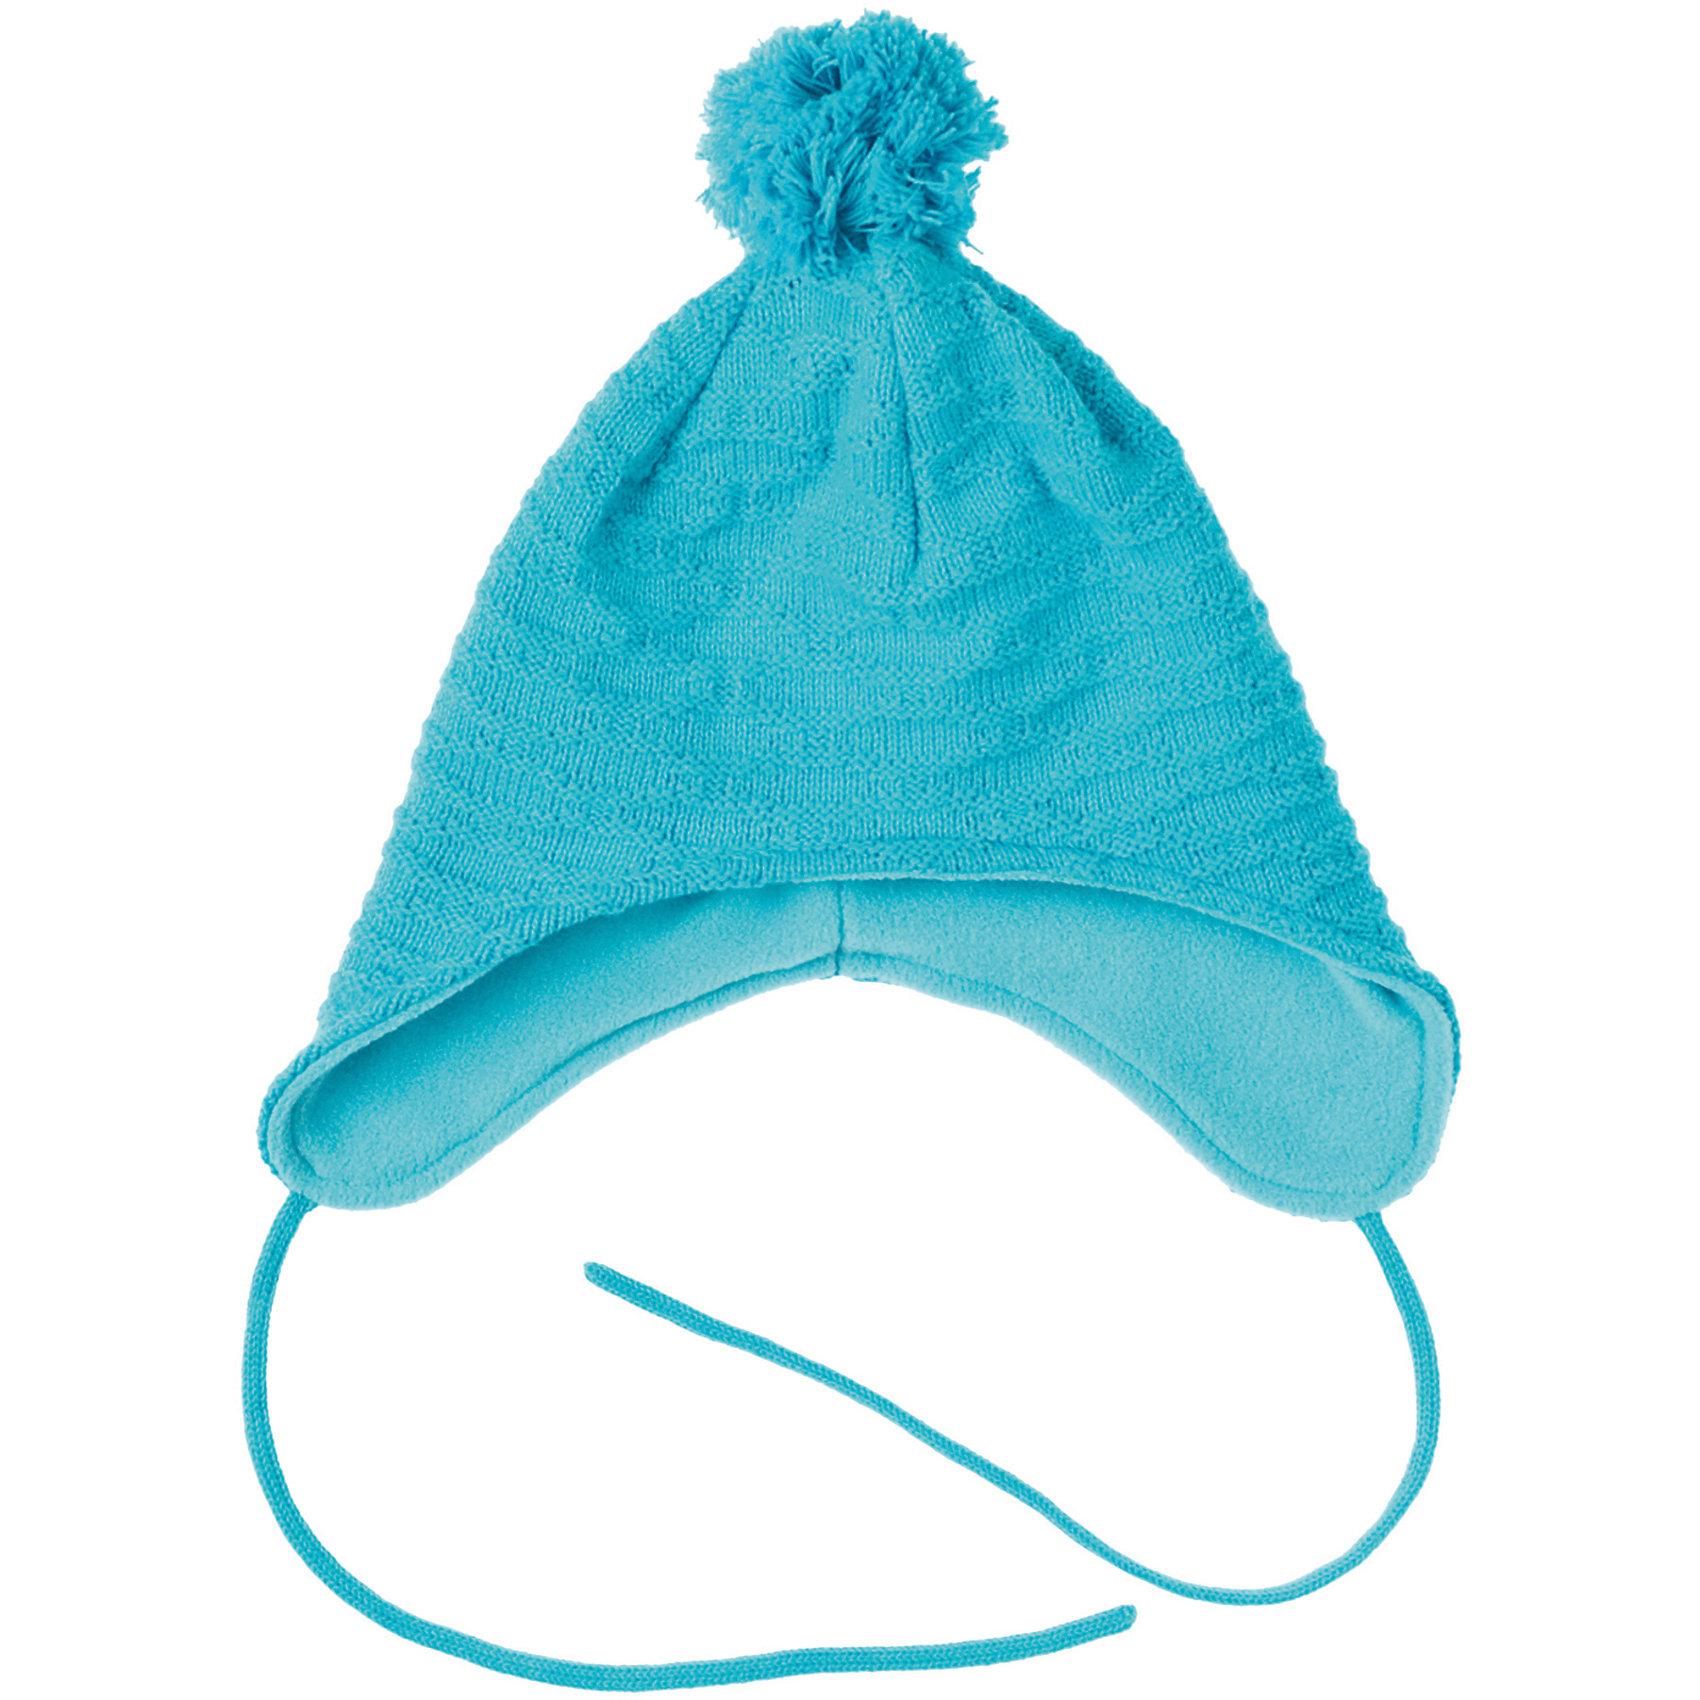 Шапка для девочки PlayTodayШапка для девочки PlayToday Теплая шапка на флисовой подкладке. Украшена помпоном и объемной вязкой. Состав: Верх: 60% хлопок, 40% акрил Подкладка: 100% полиэстер<br><br>Ширина мм: 89<br>Глубина мм: 117<br>Высота мм: 44<br>Вес г: 155<br>Цвет: голубой<br>Возраст от месяцев: 84<br>Возраст до месяцев: 96<br>Пол: Женский<br>Возраст: Детский<br>Размер: 54,52,50<br>SKU: 4228678